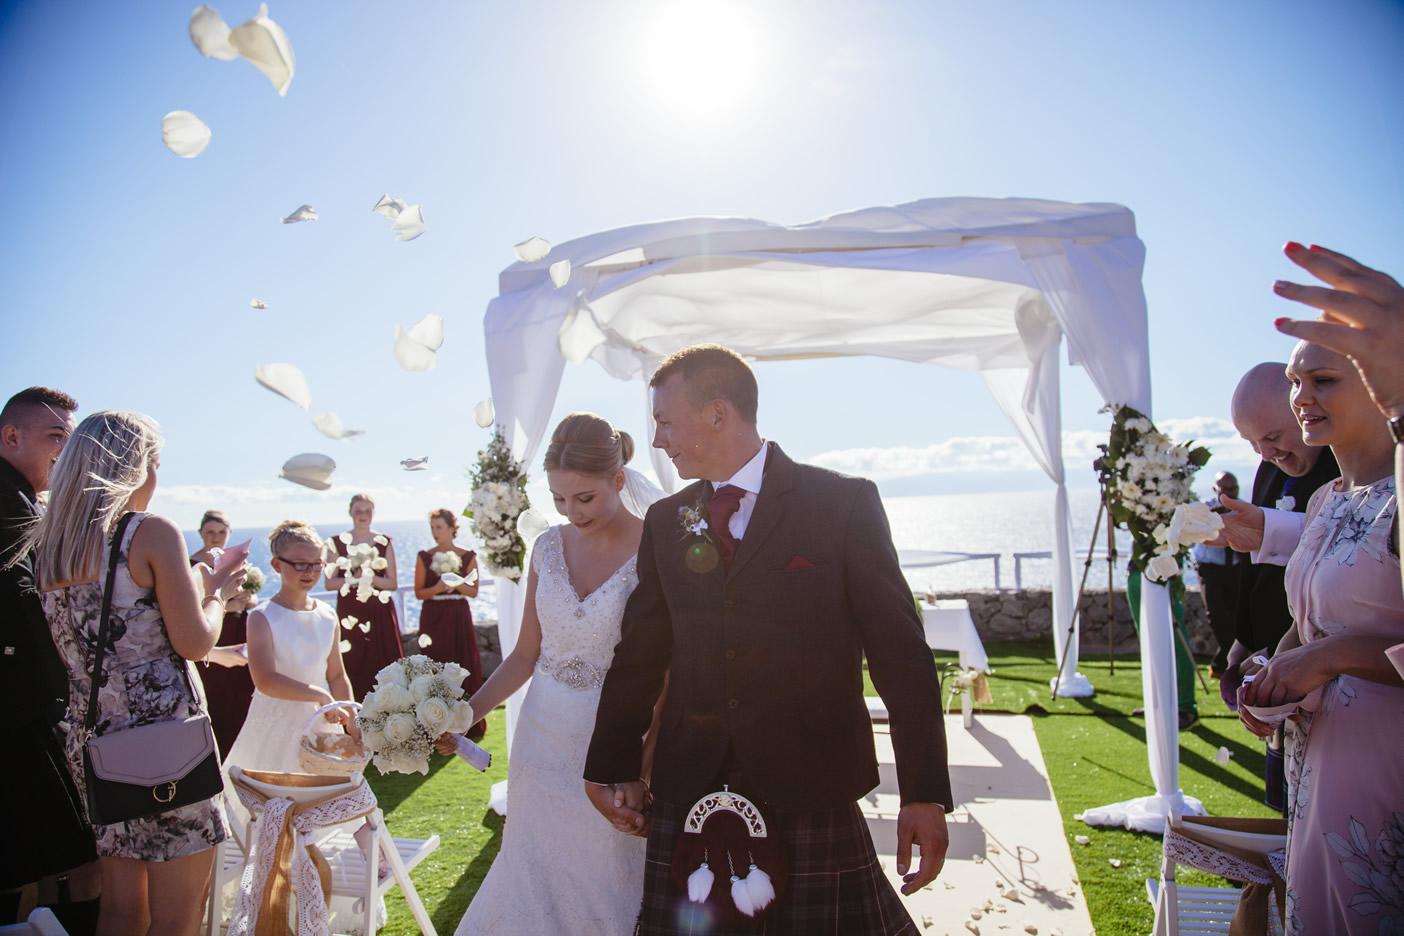 Bruiloft ceremonie planning en organisatie in Tenerife